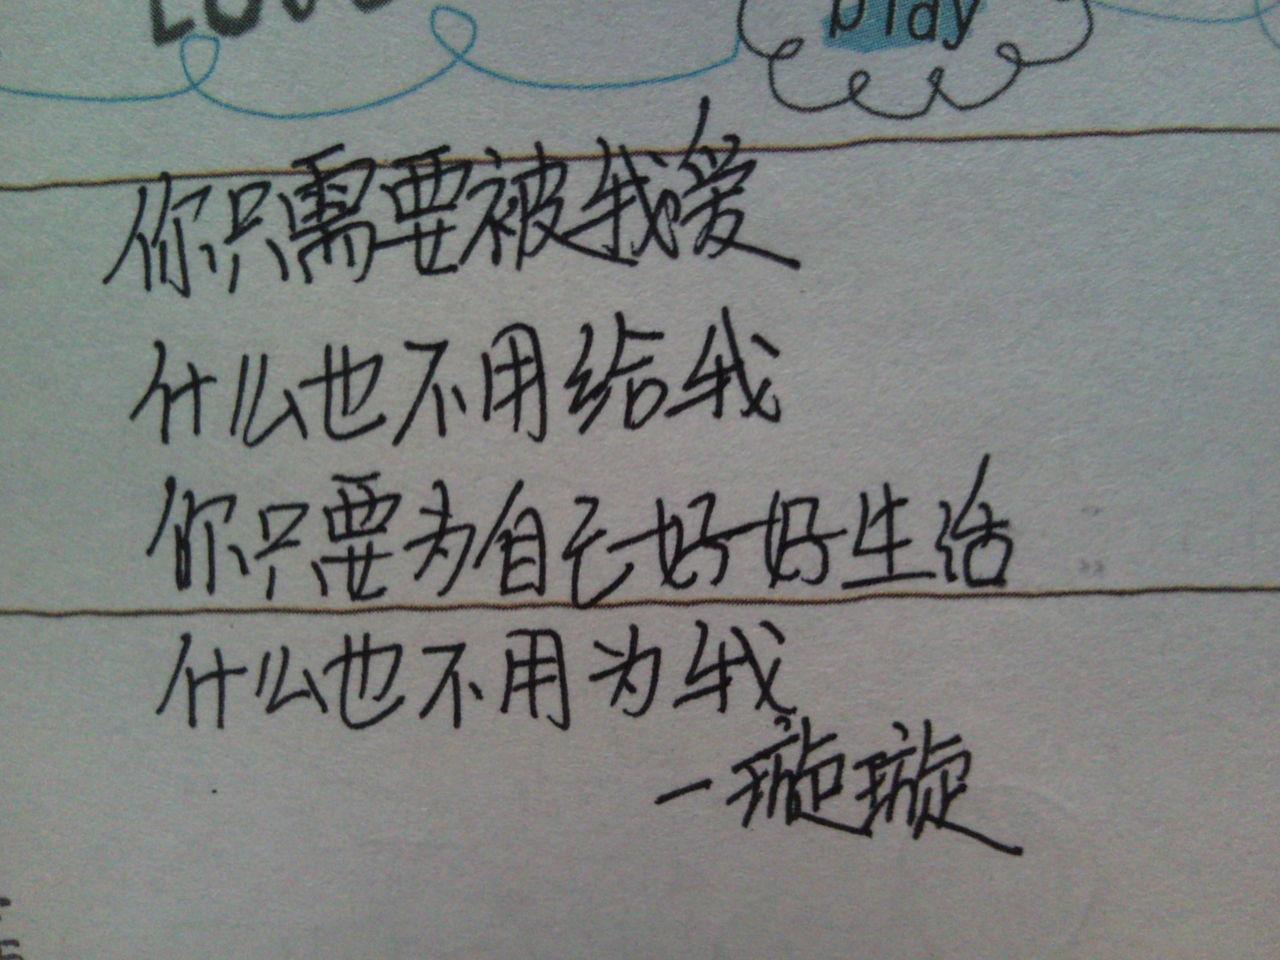 徐静蕾书法字帖 徐静蕾钢笔行书字帖 徐静蕾钢笔字帖欣赏 徐静蕾行书图片